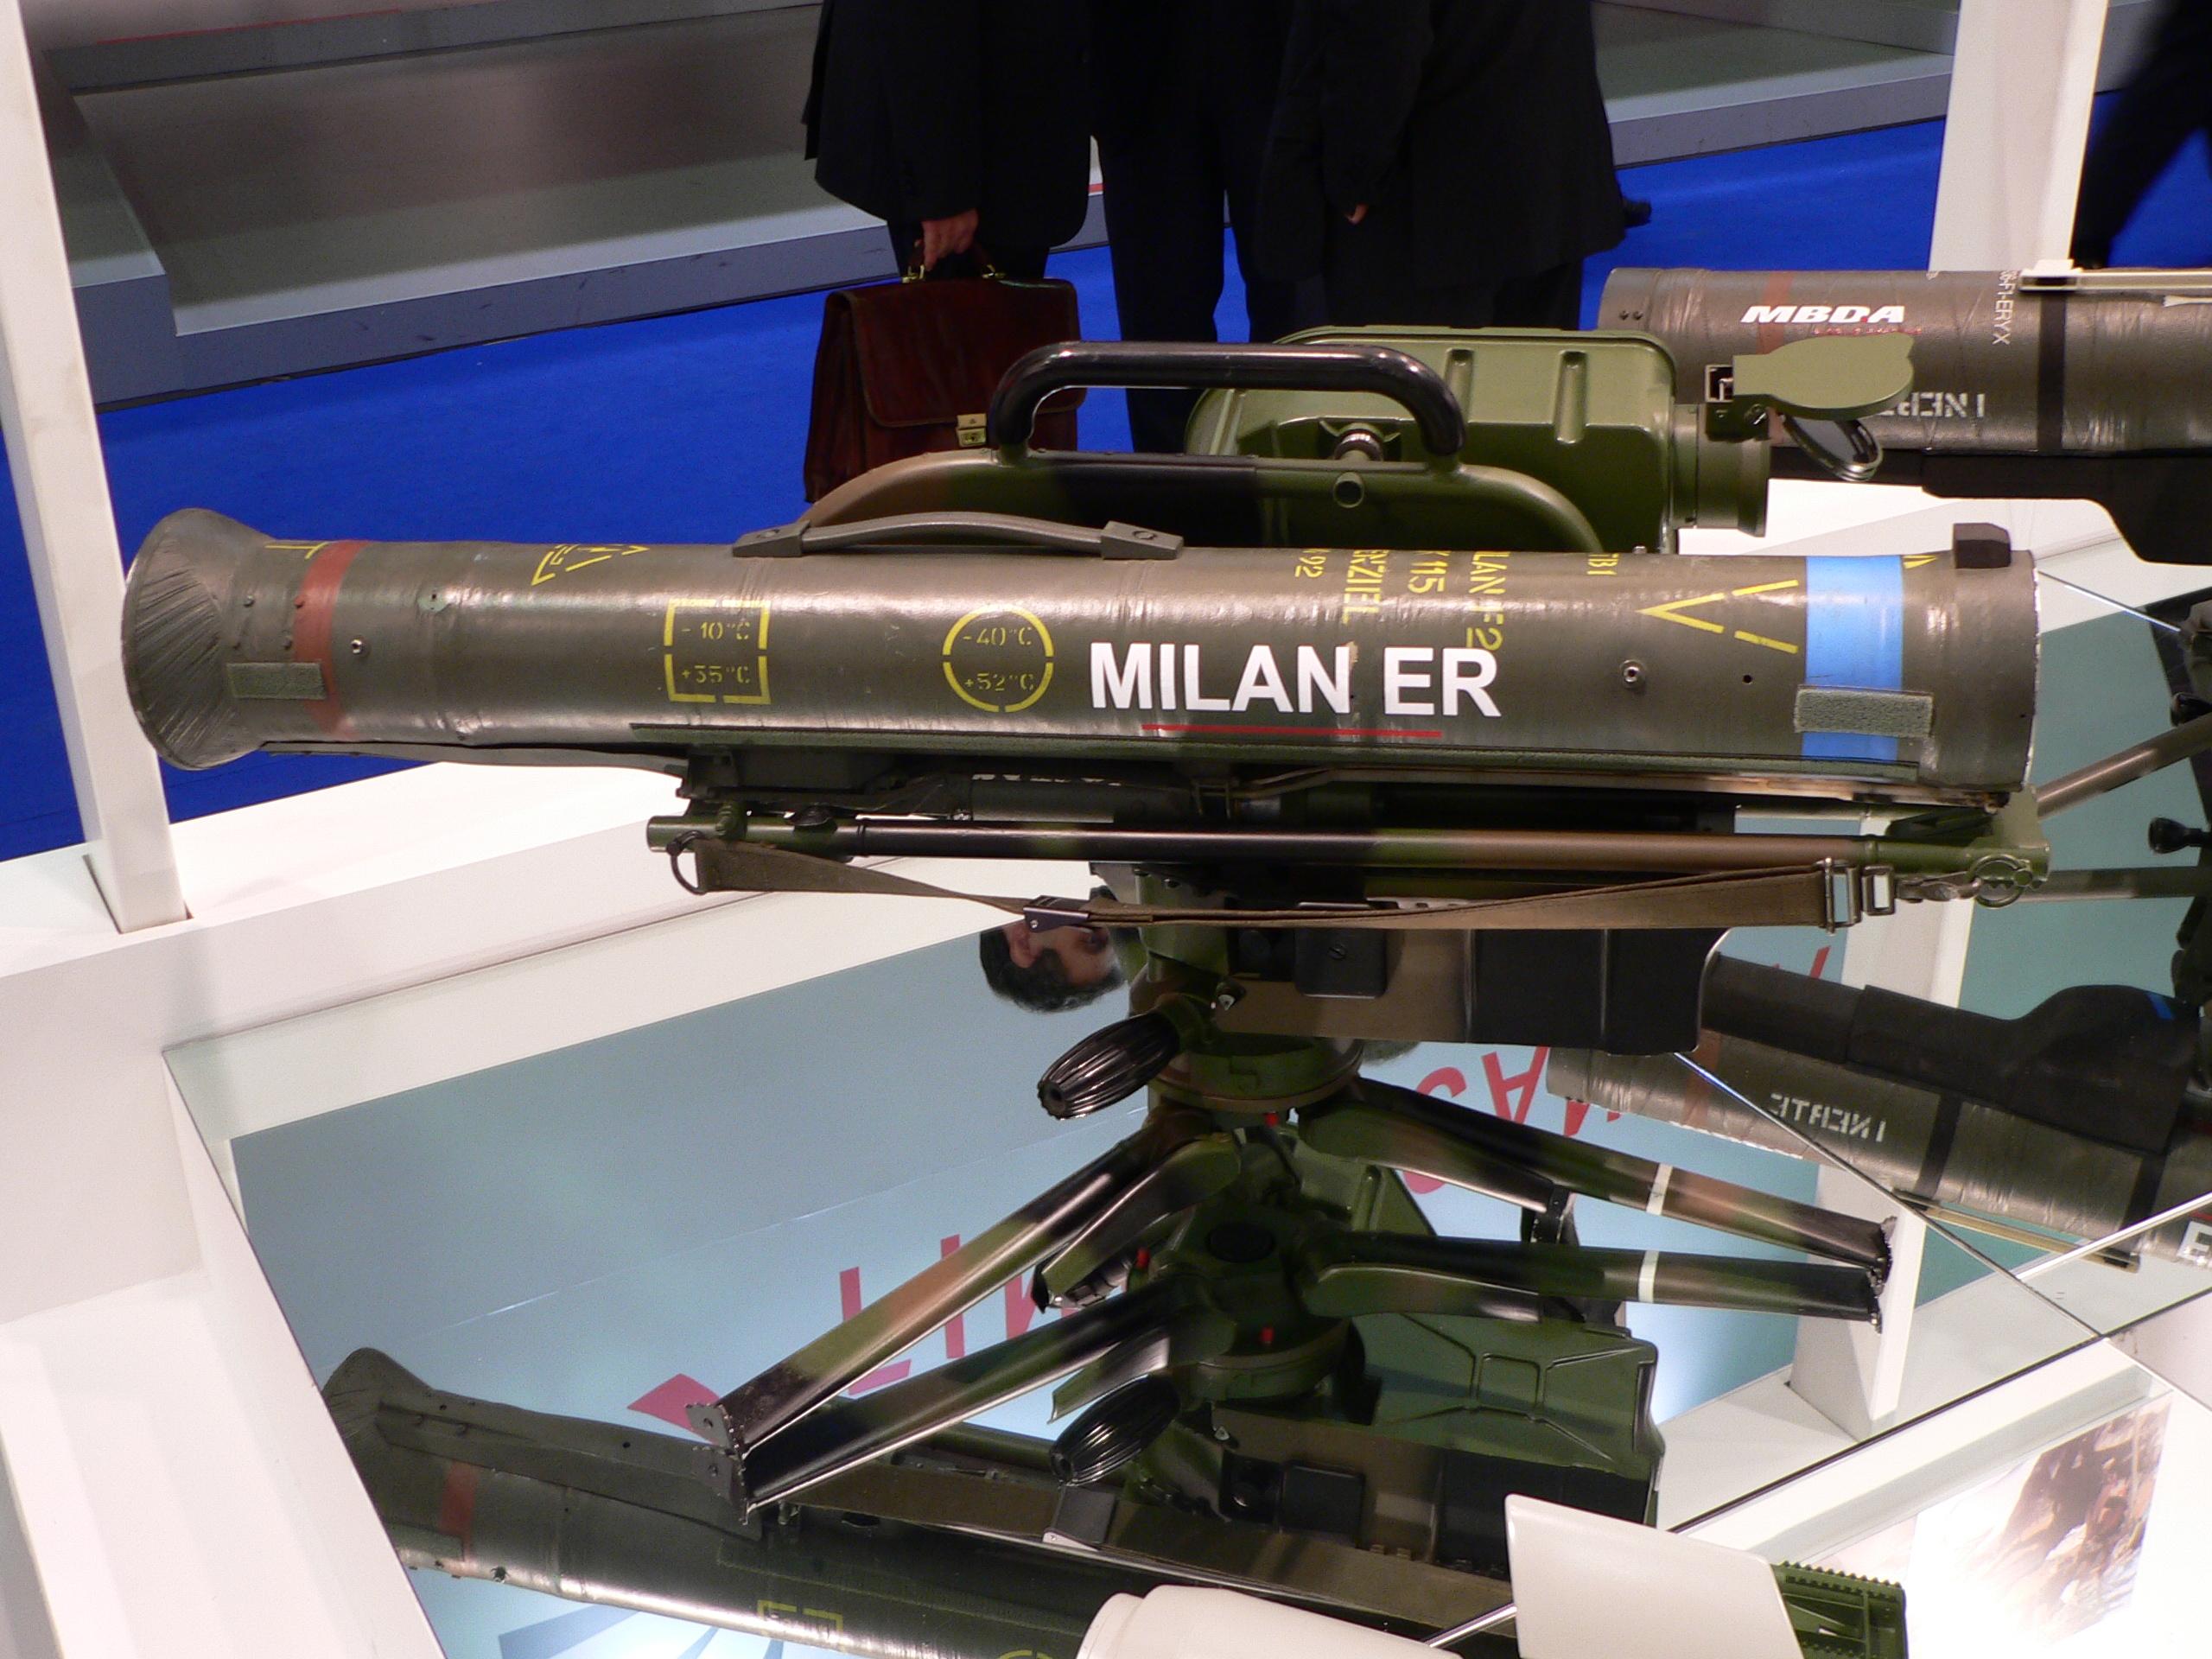 MILAN launch tube markings